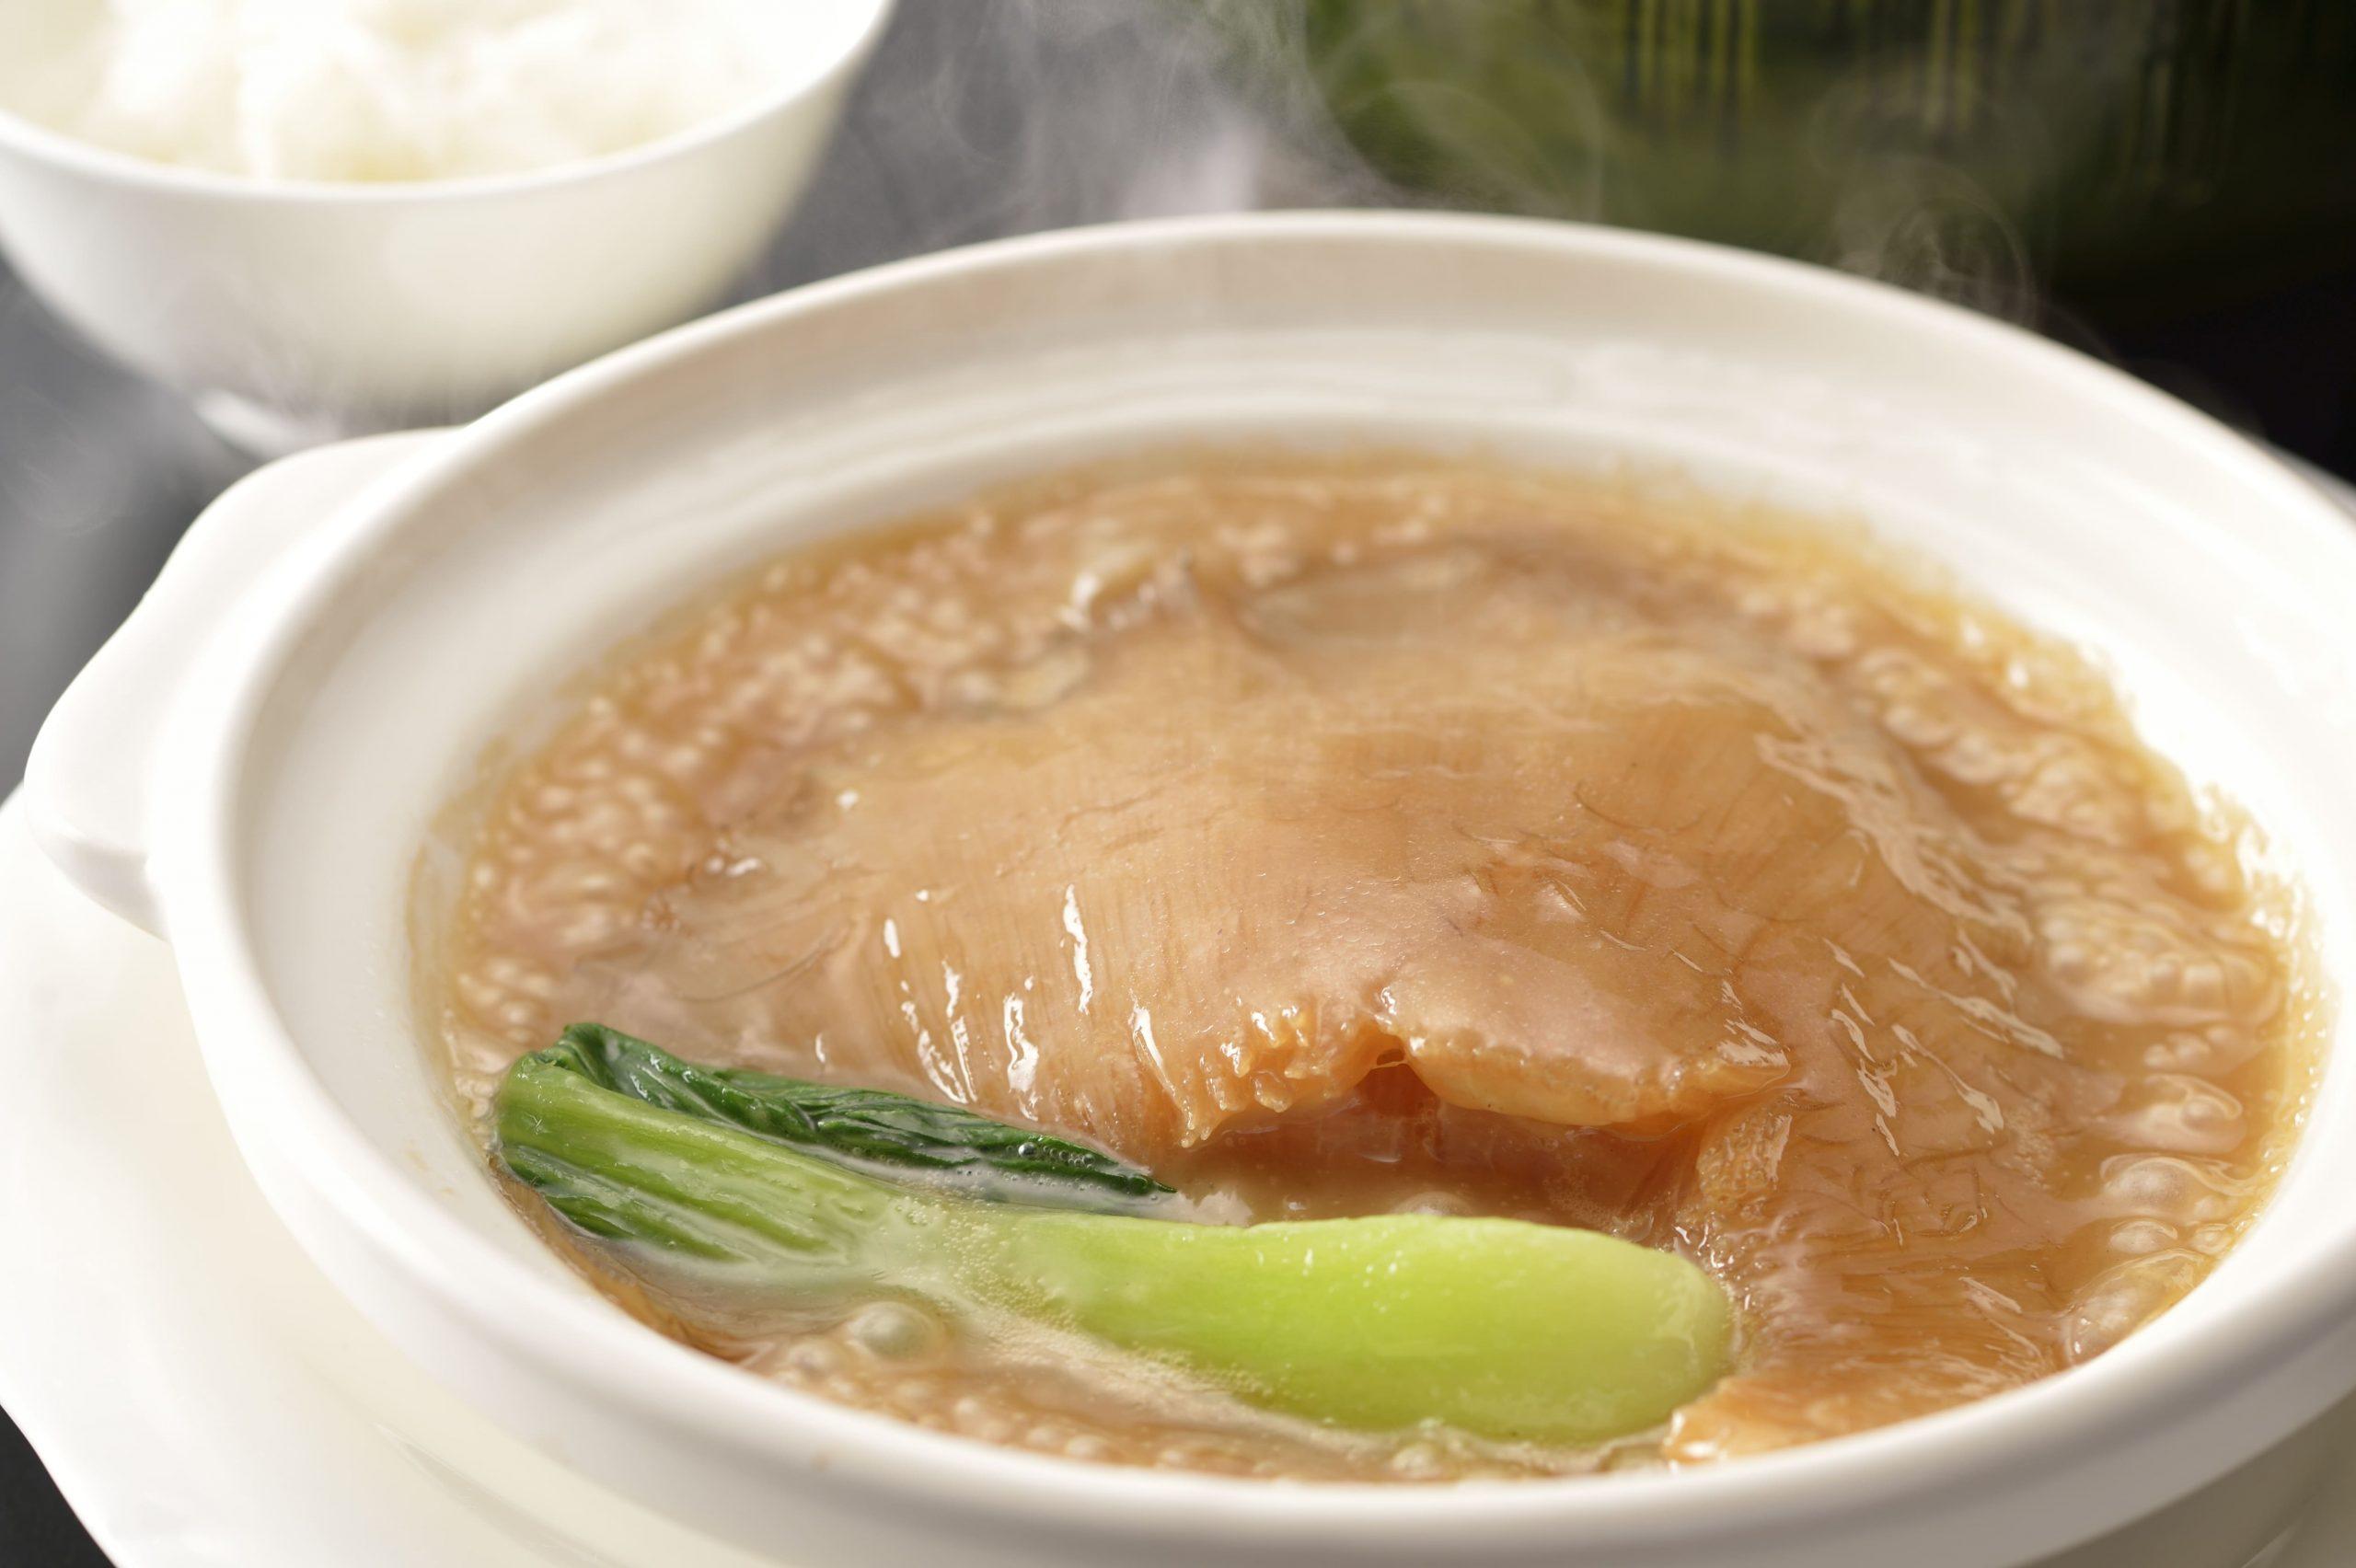 中国料理「星ヶ岡」:極上の素材の旨味を最大限に引き出した中国の伝統料理(ディナーイメージ)